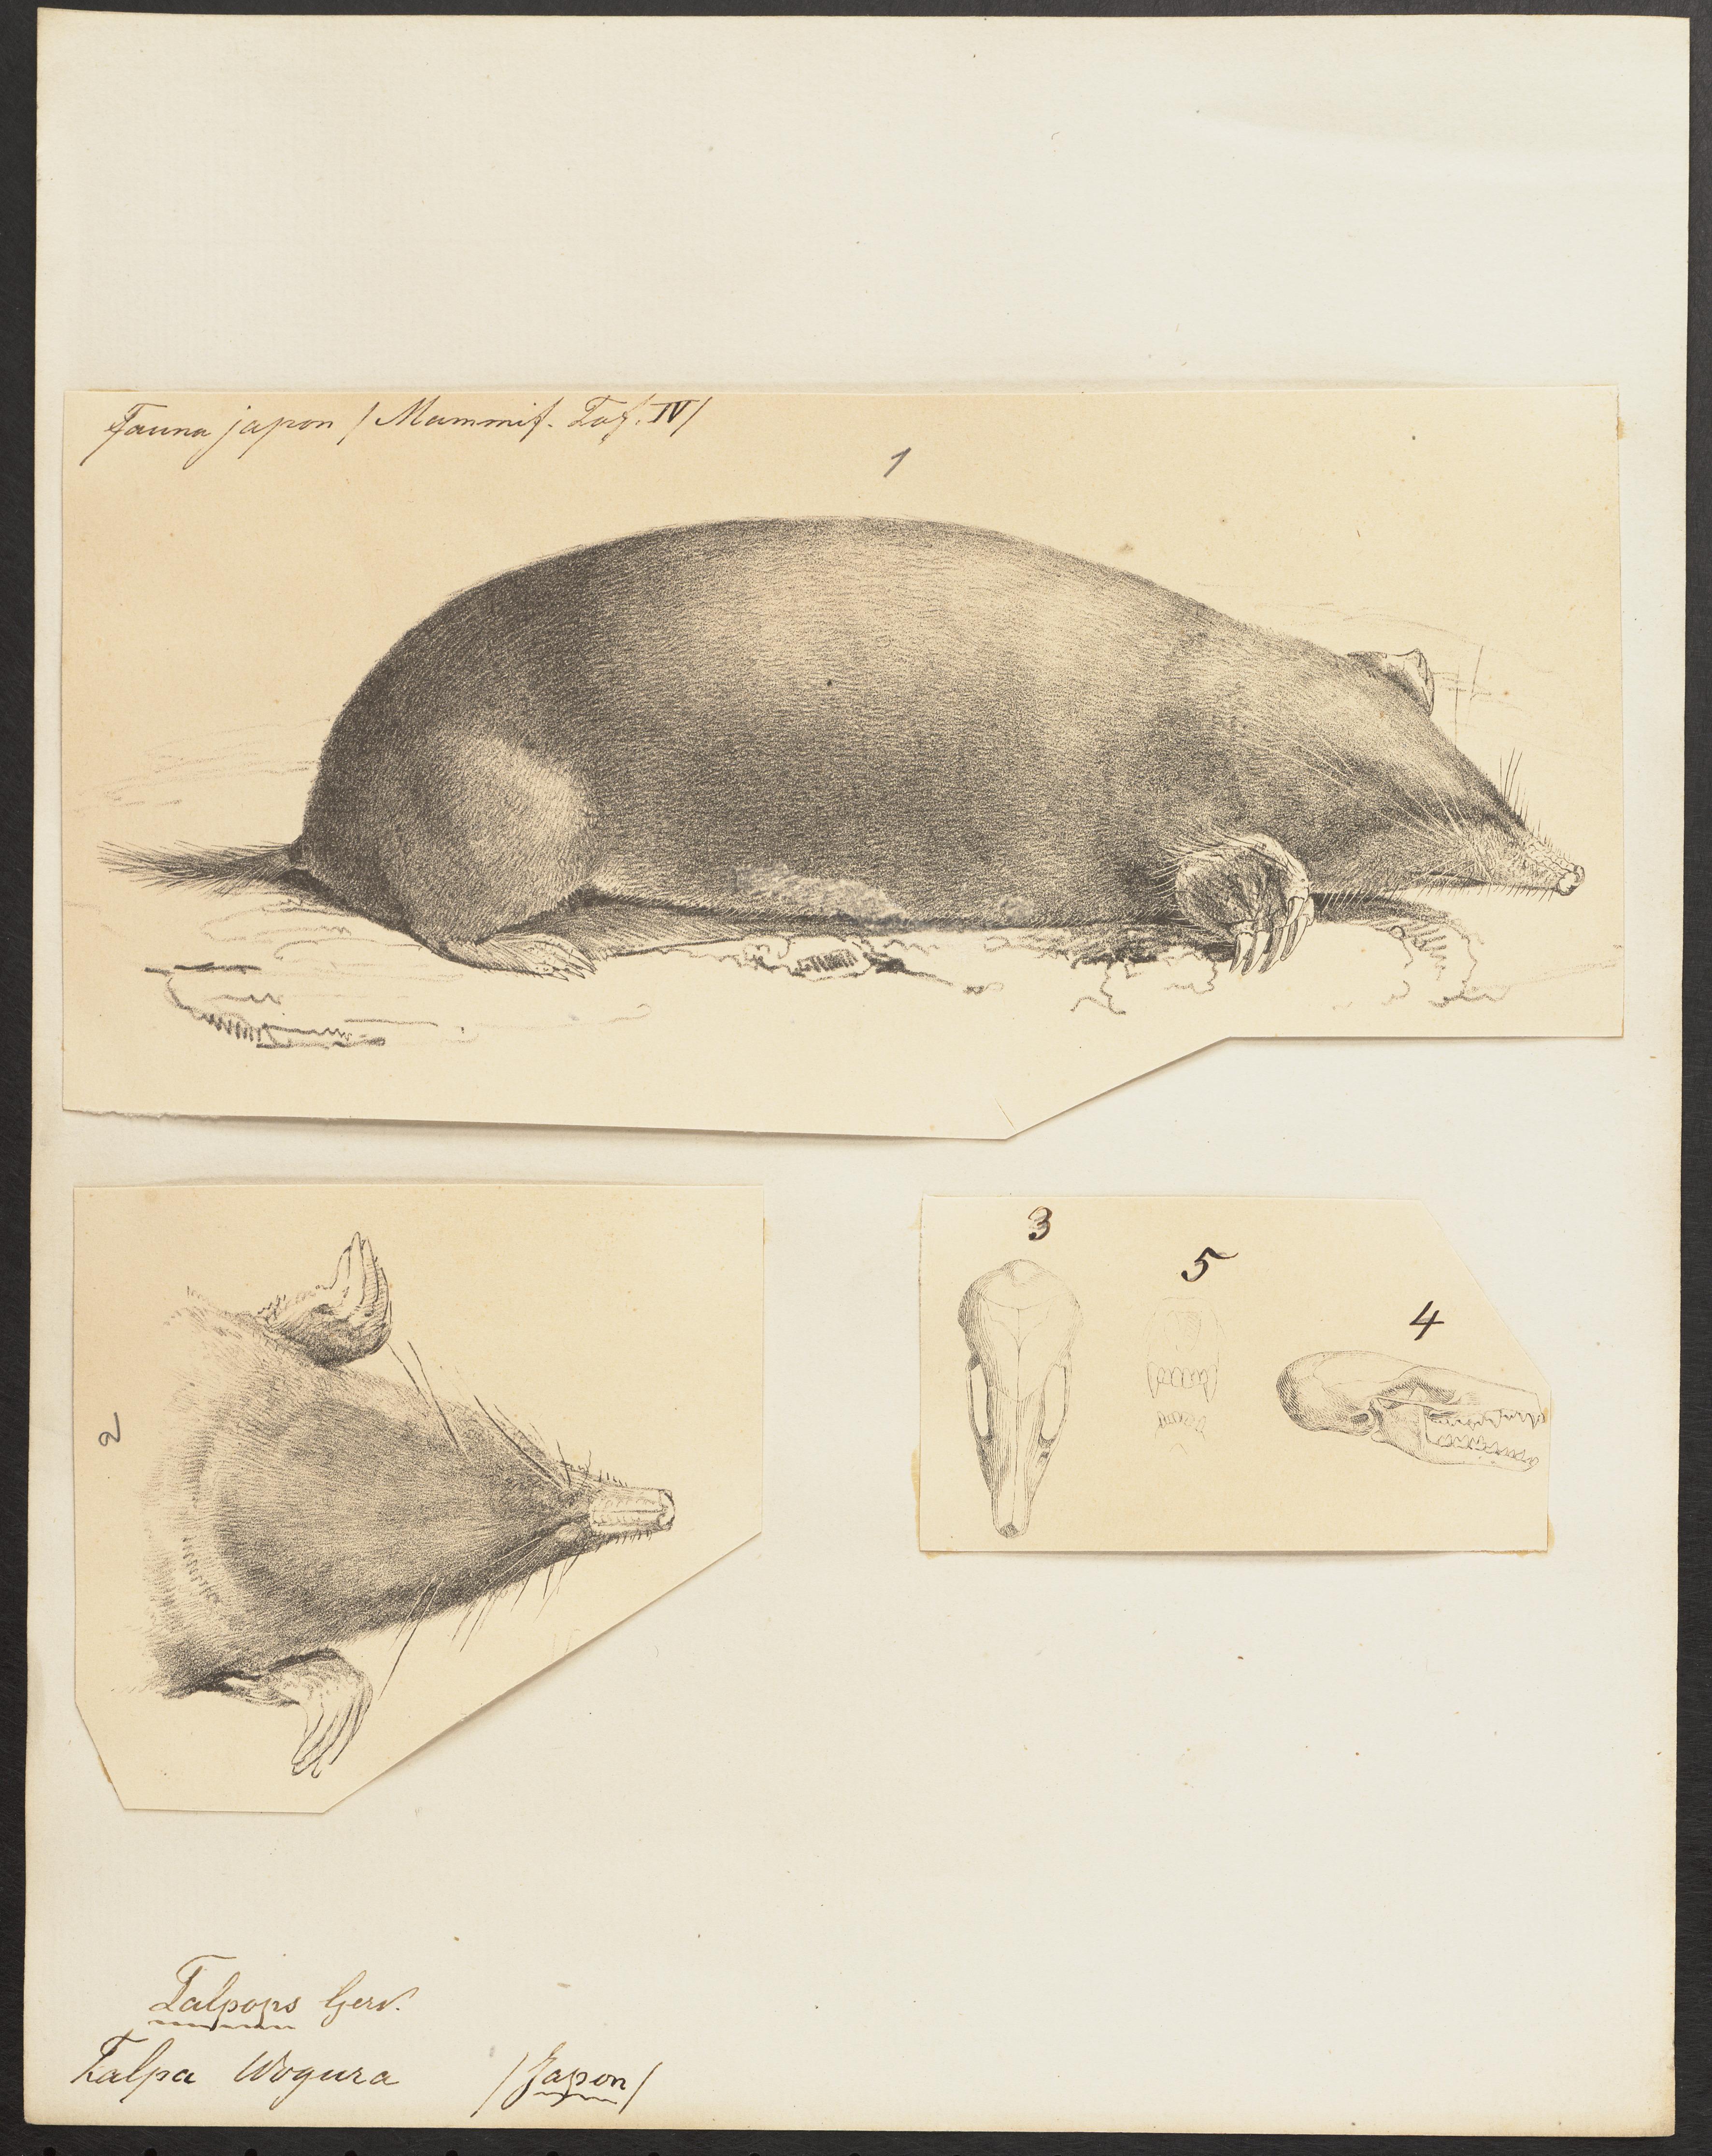 Image of Japanese mole